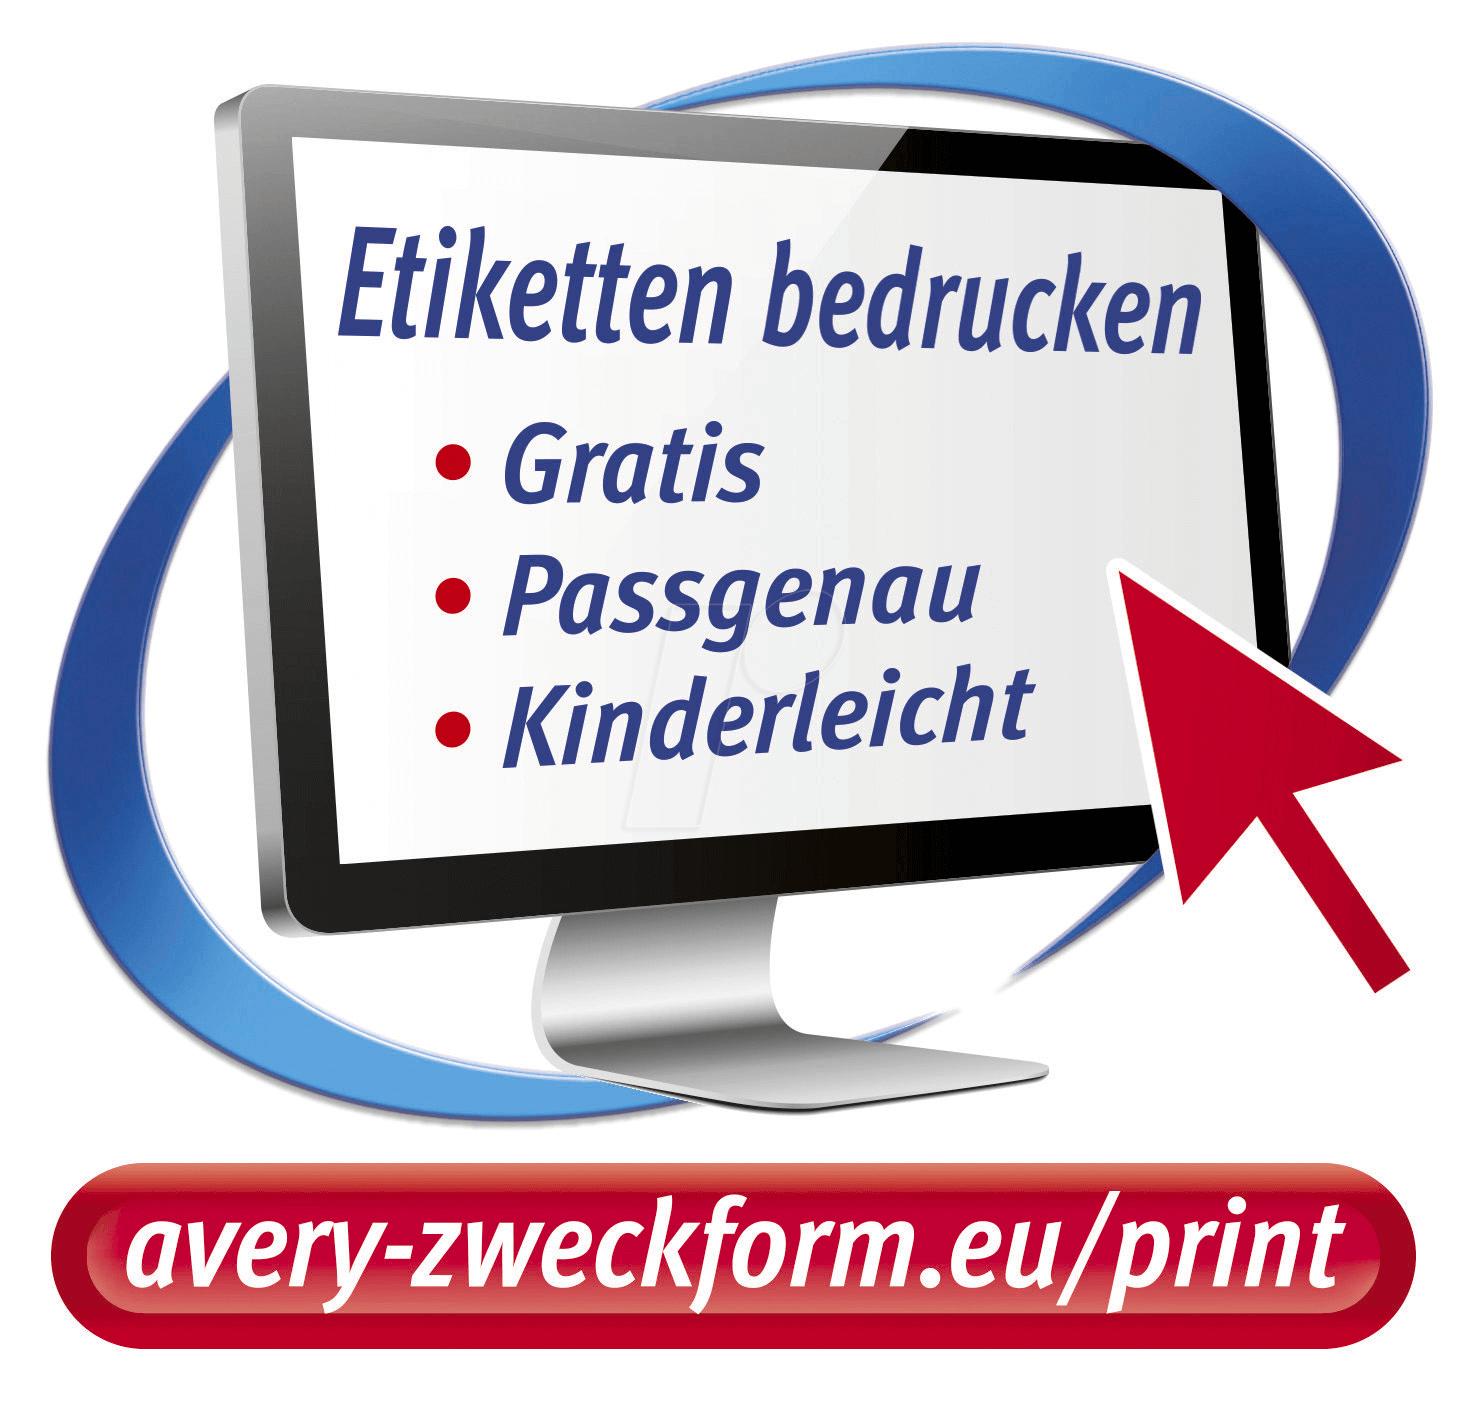 https://cdn-reichelt.de/bilder/web/xxl_ws/E460/AVZ_L4778-8_08.png